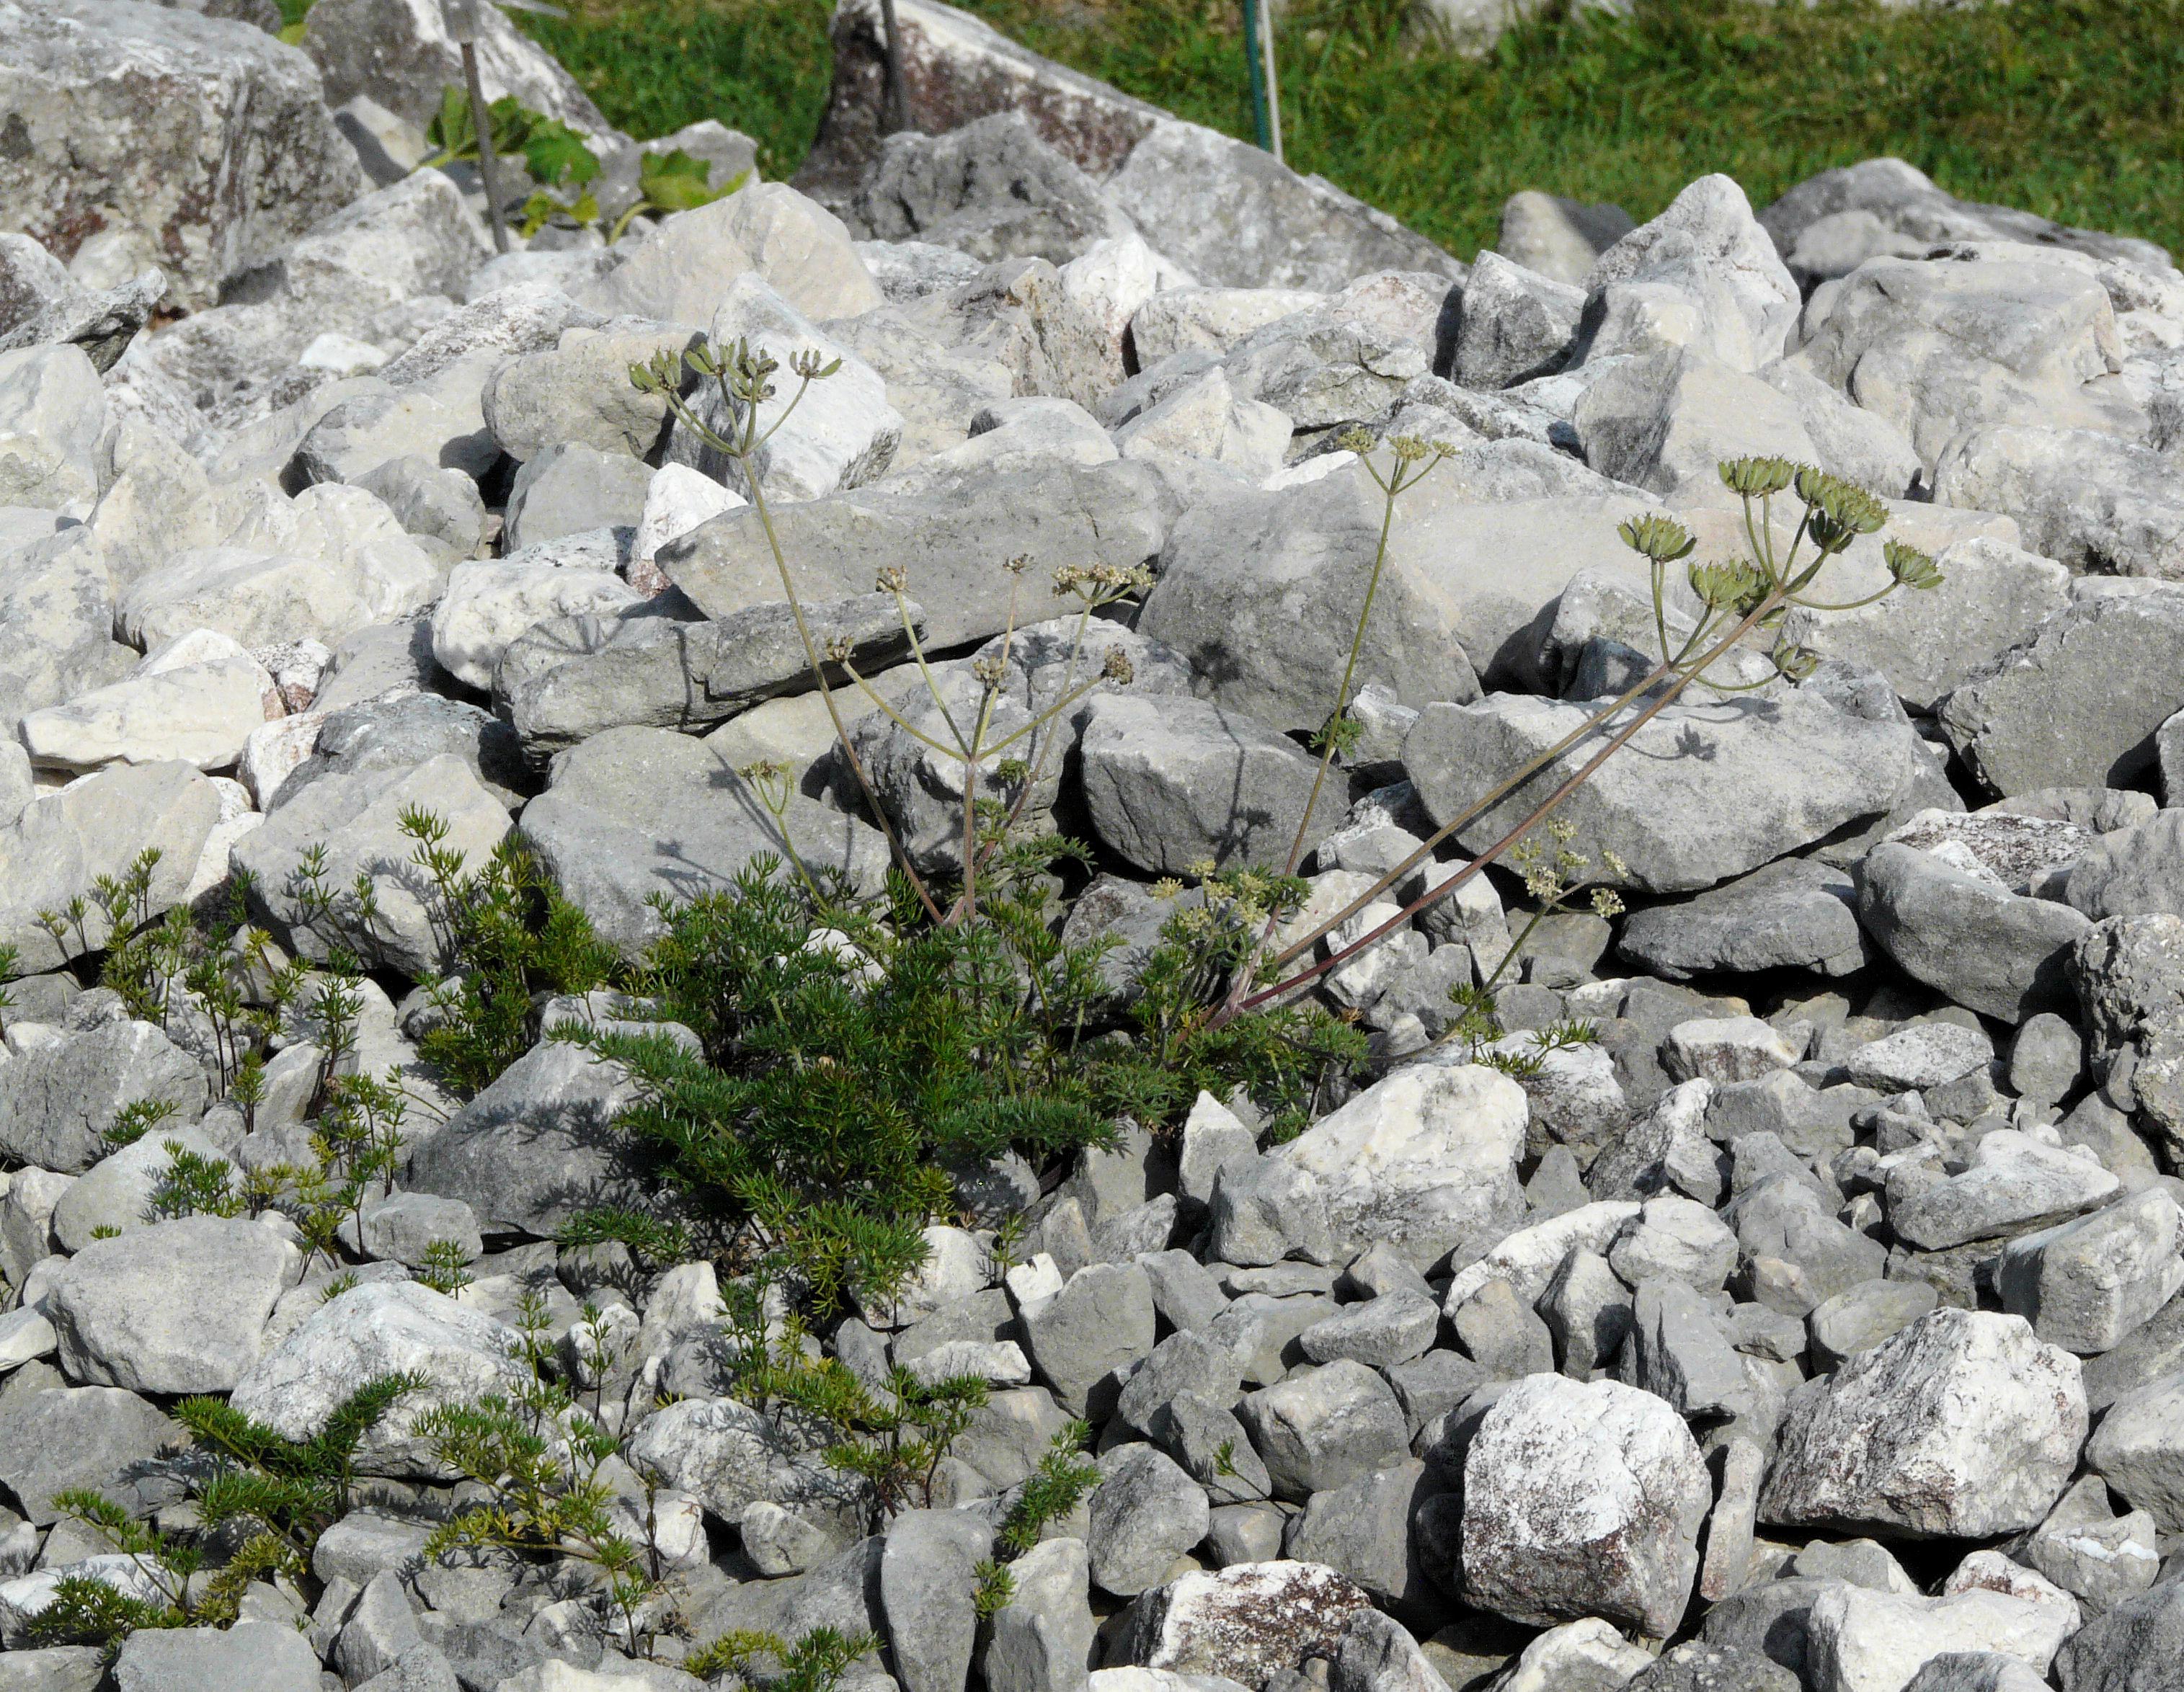 © Dipartimento di Scienze della Vita, Università degli Studi di Trieste<br>by Andrea Moro<br>Comune di Tambre d'Alpago, Giardino botanico alpino del Cansiglio 'Giangio Lorenzoni', BL, Veneto, Italia, 01/07/2012<br>Distributed under CC-BY-SA 4.0 license.